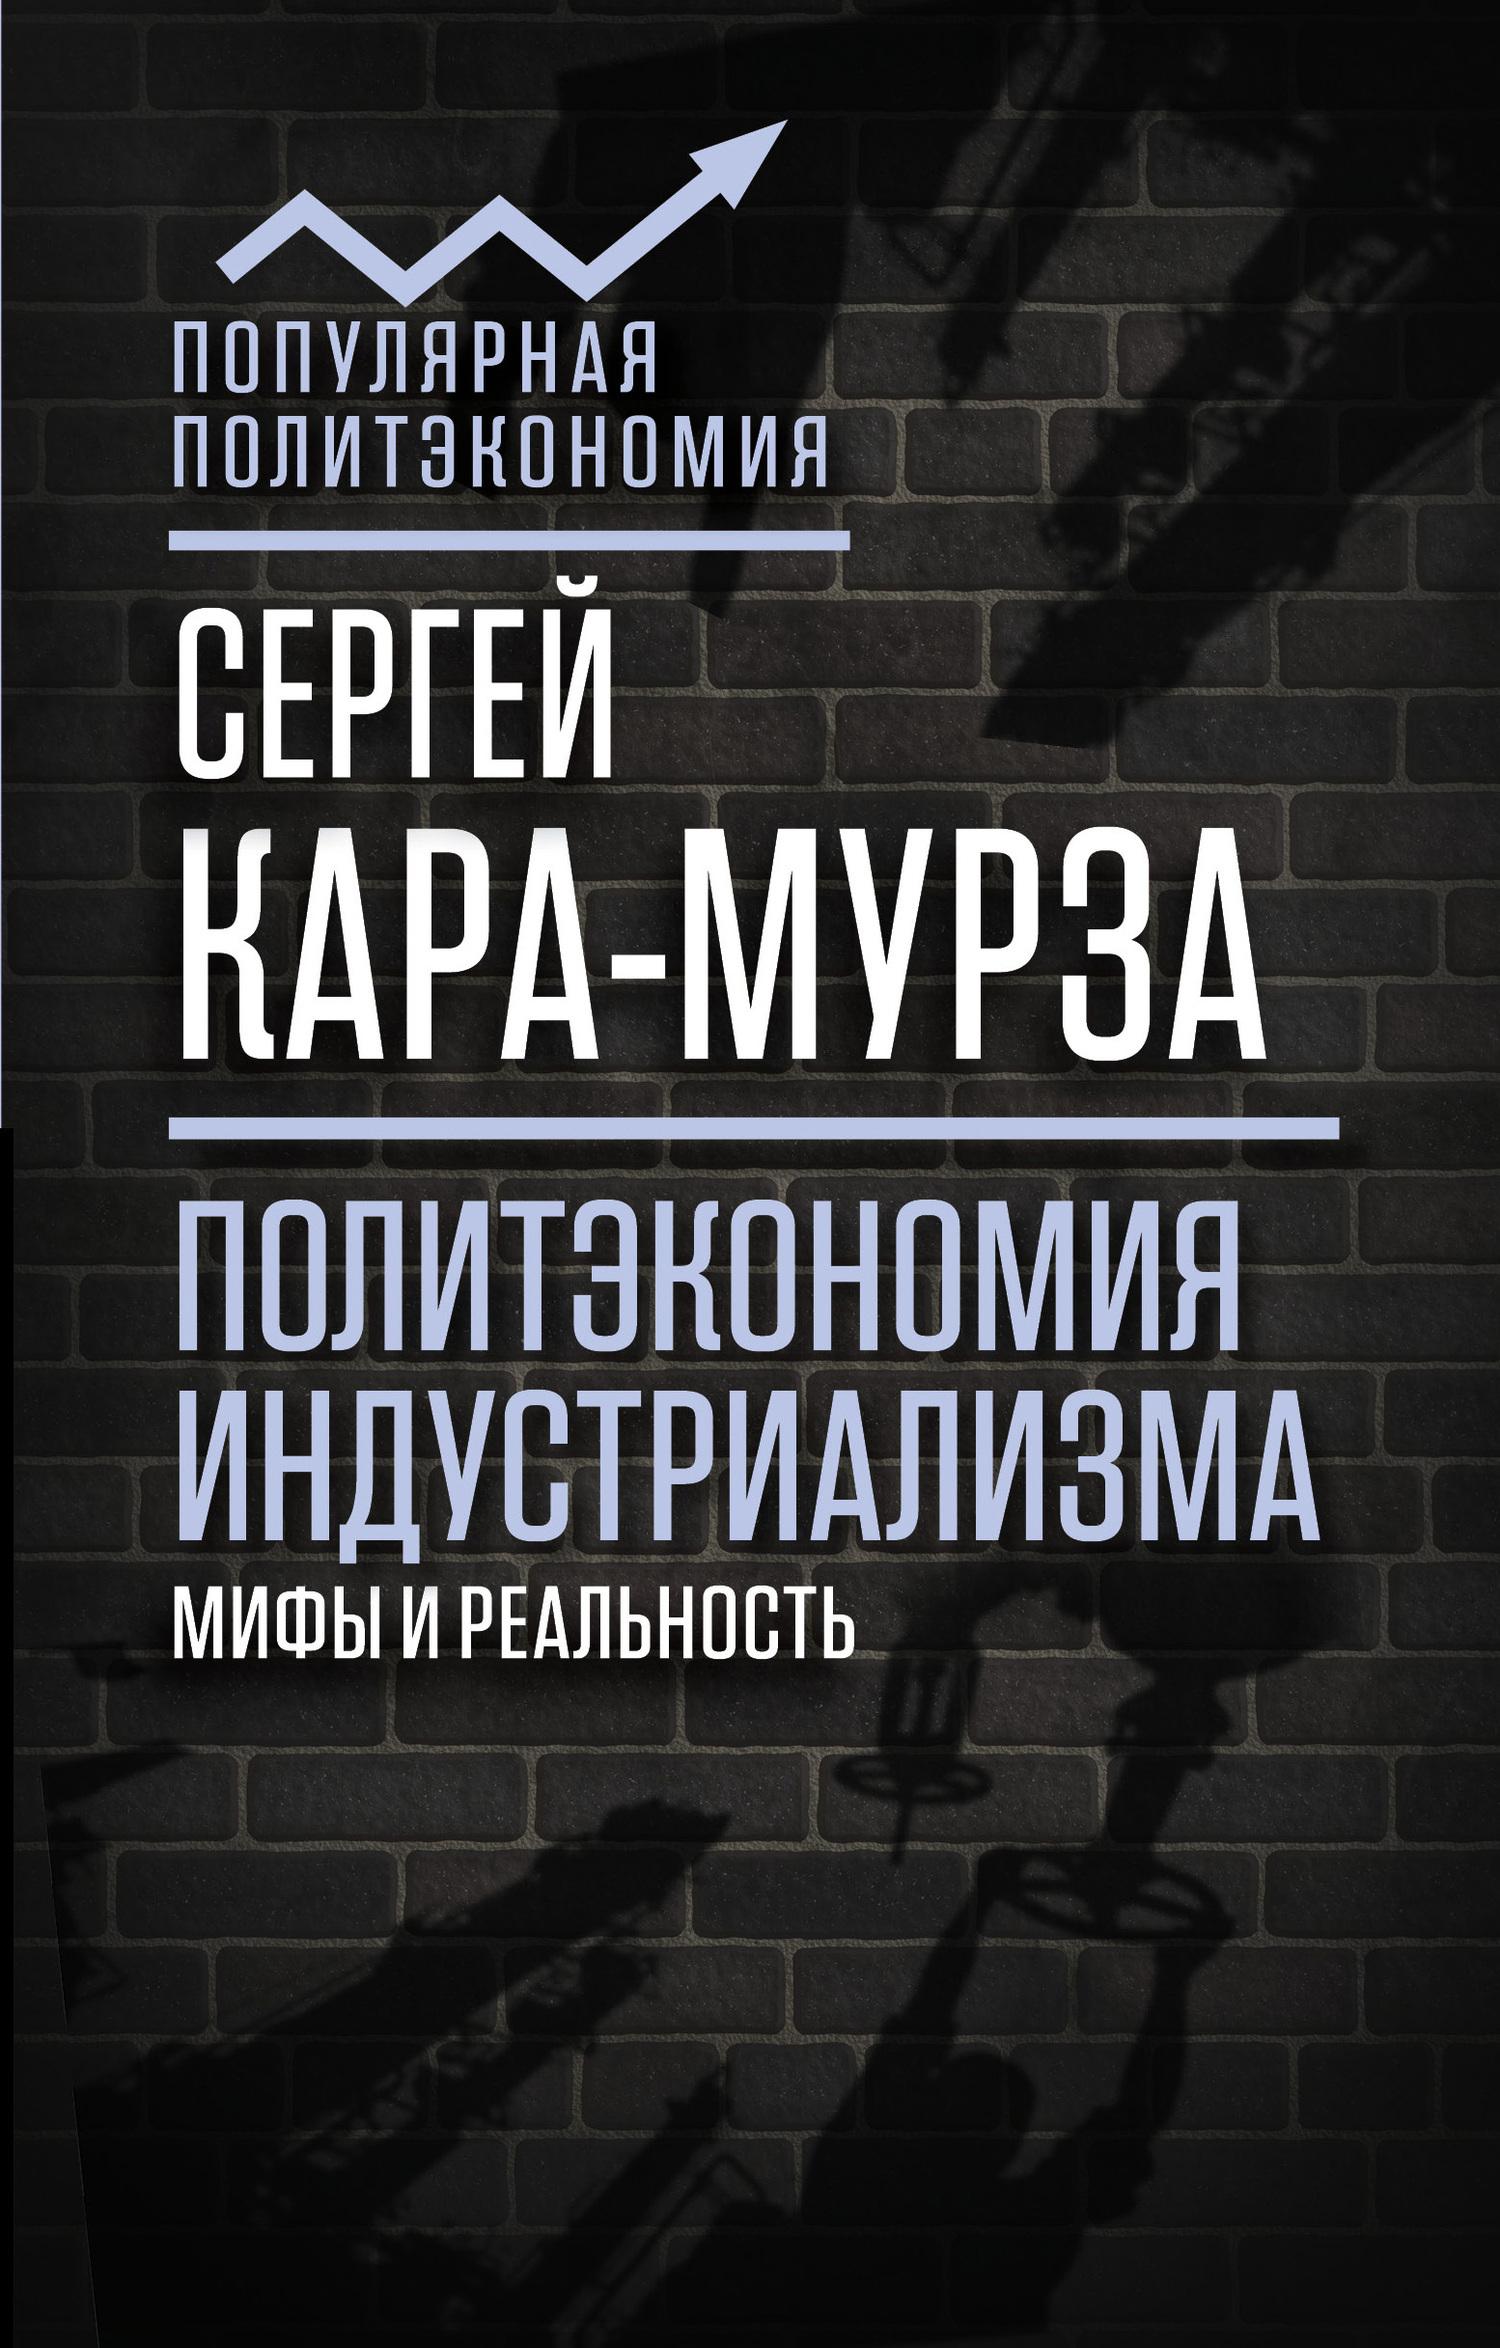 Книга Политэкономия индустриализма: мифы и реальность